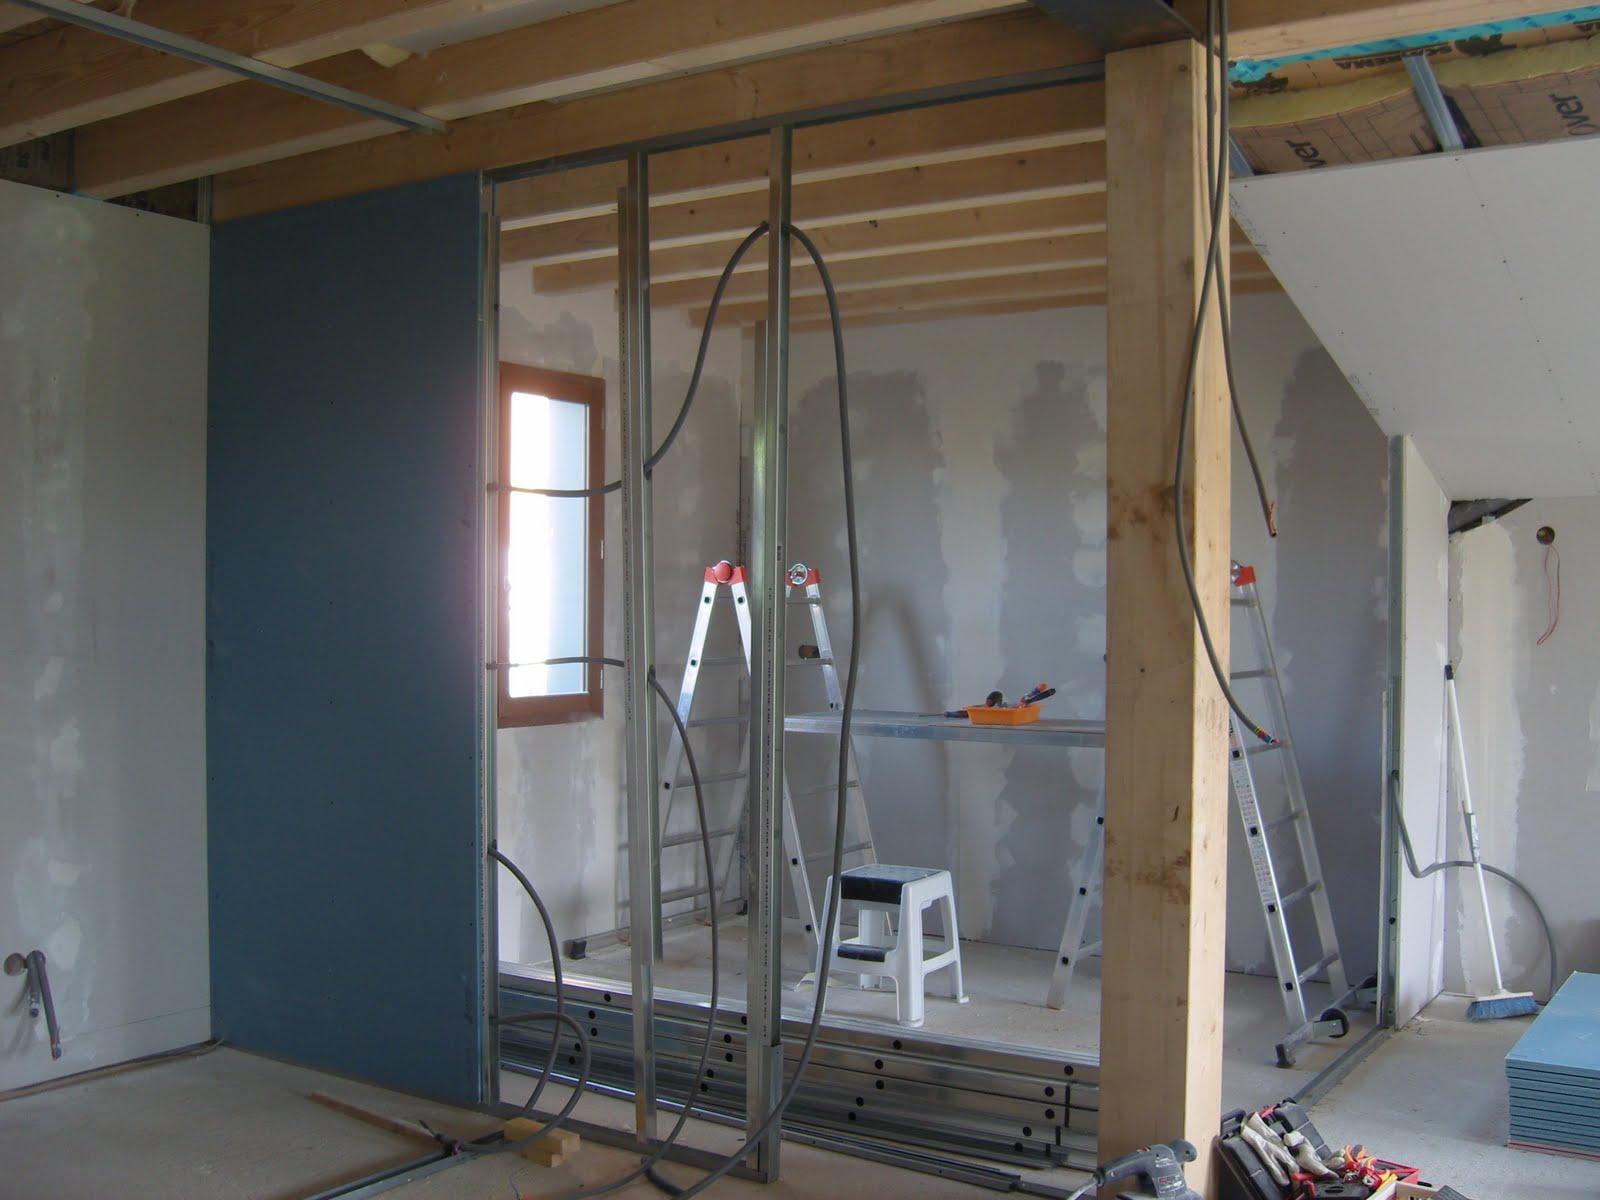 House bazar le plafond la fran aise - Plafond a la francaise ...